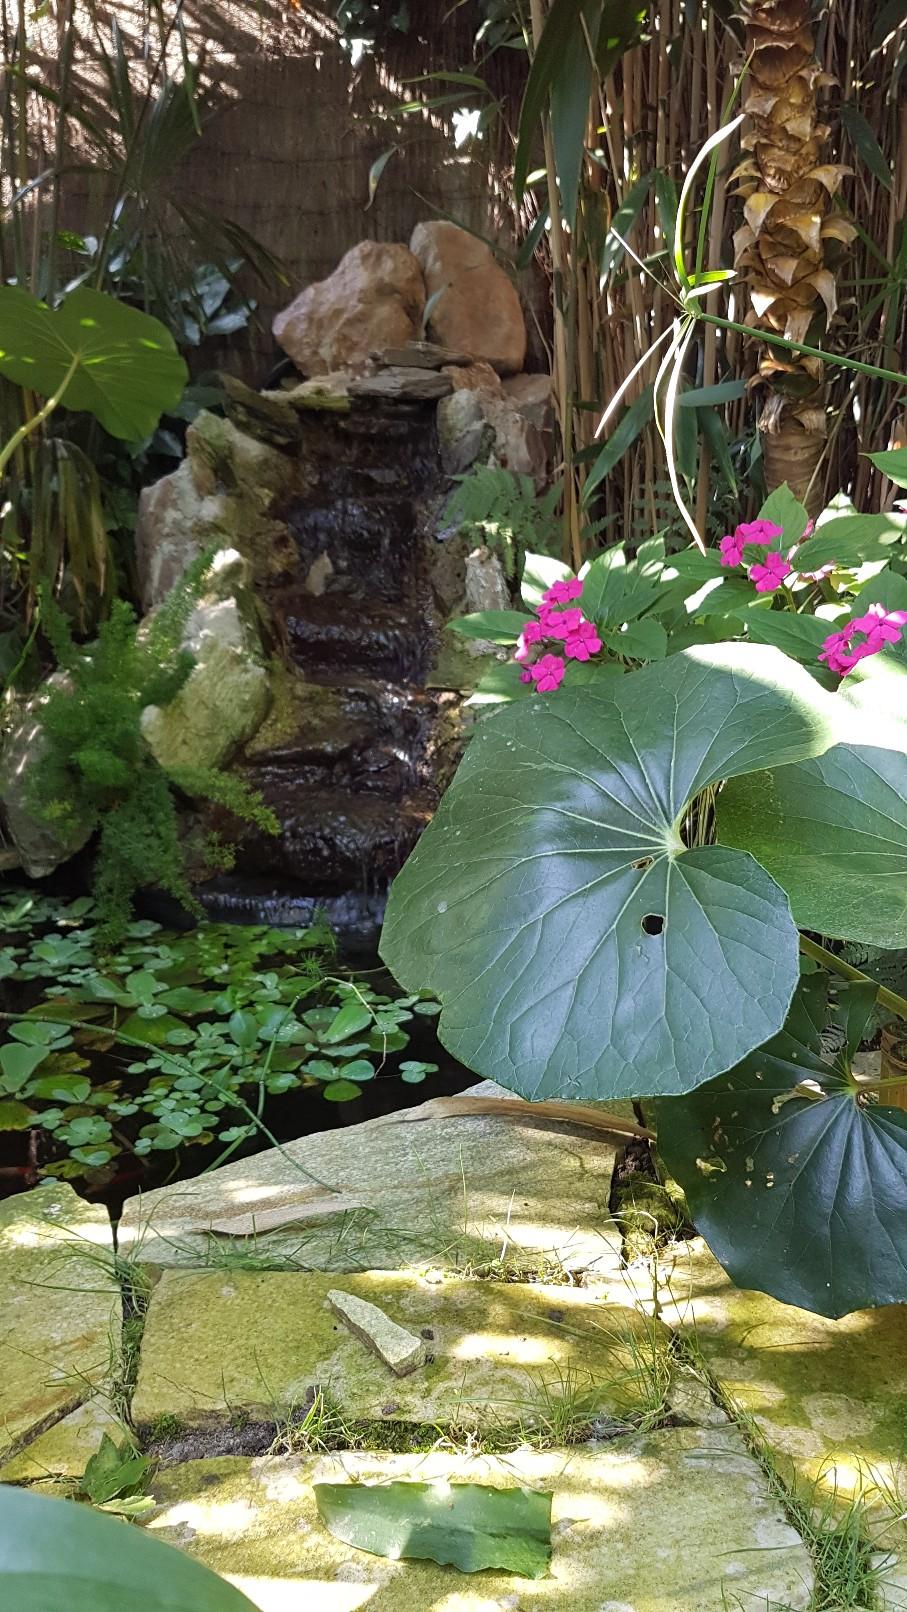 Rémi - Mon (tout) petit jardin en mode tropical - Page 9 20180938